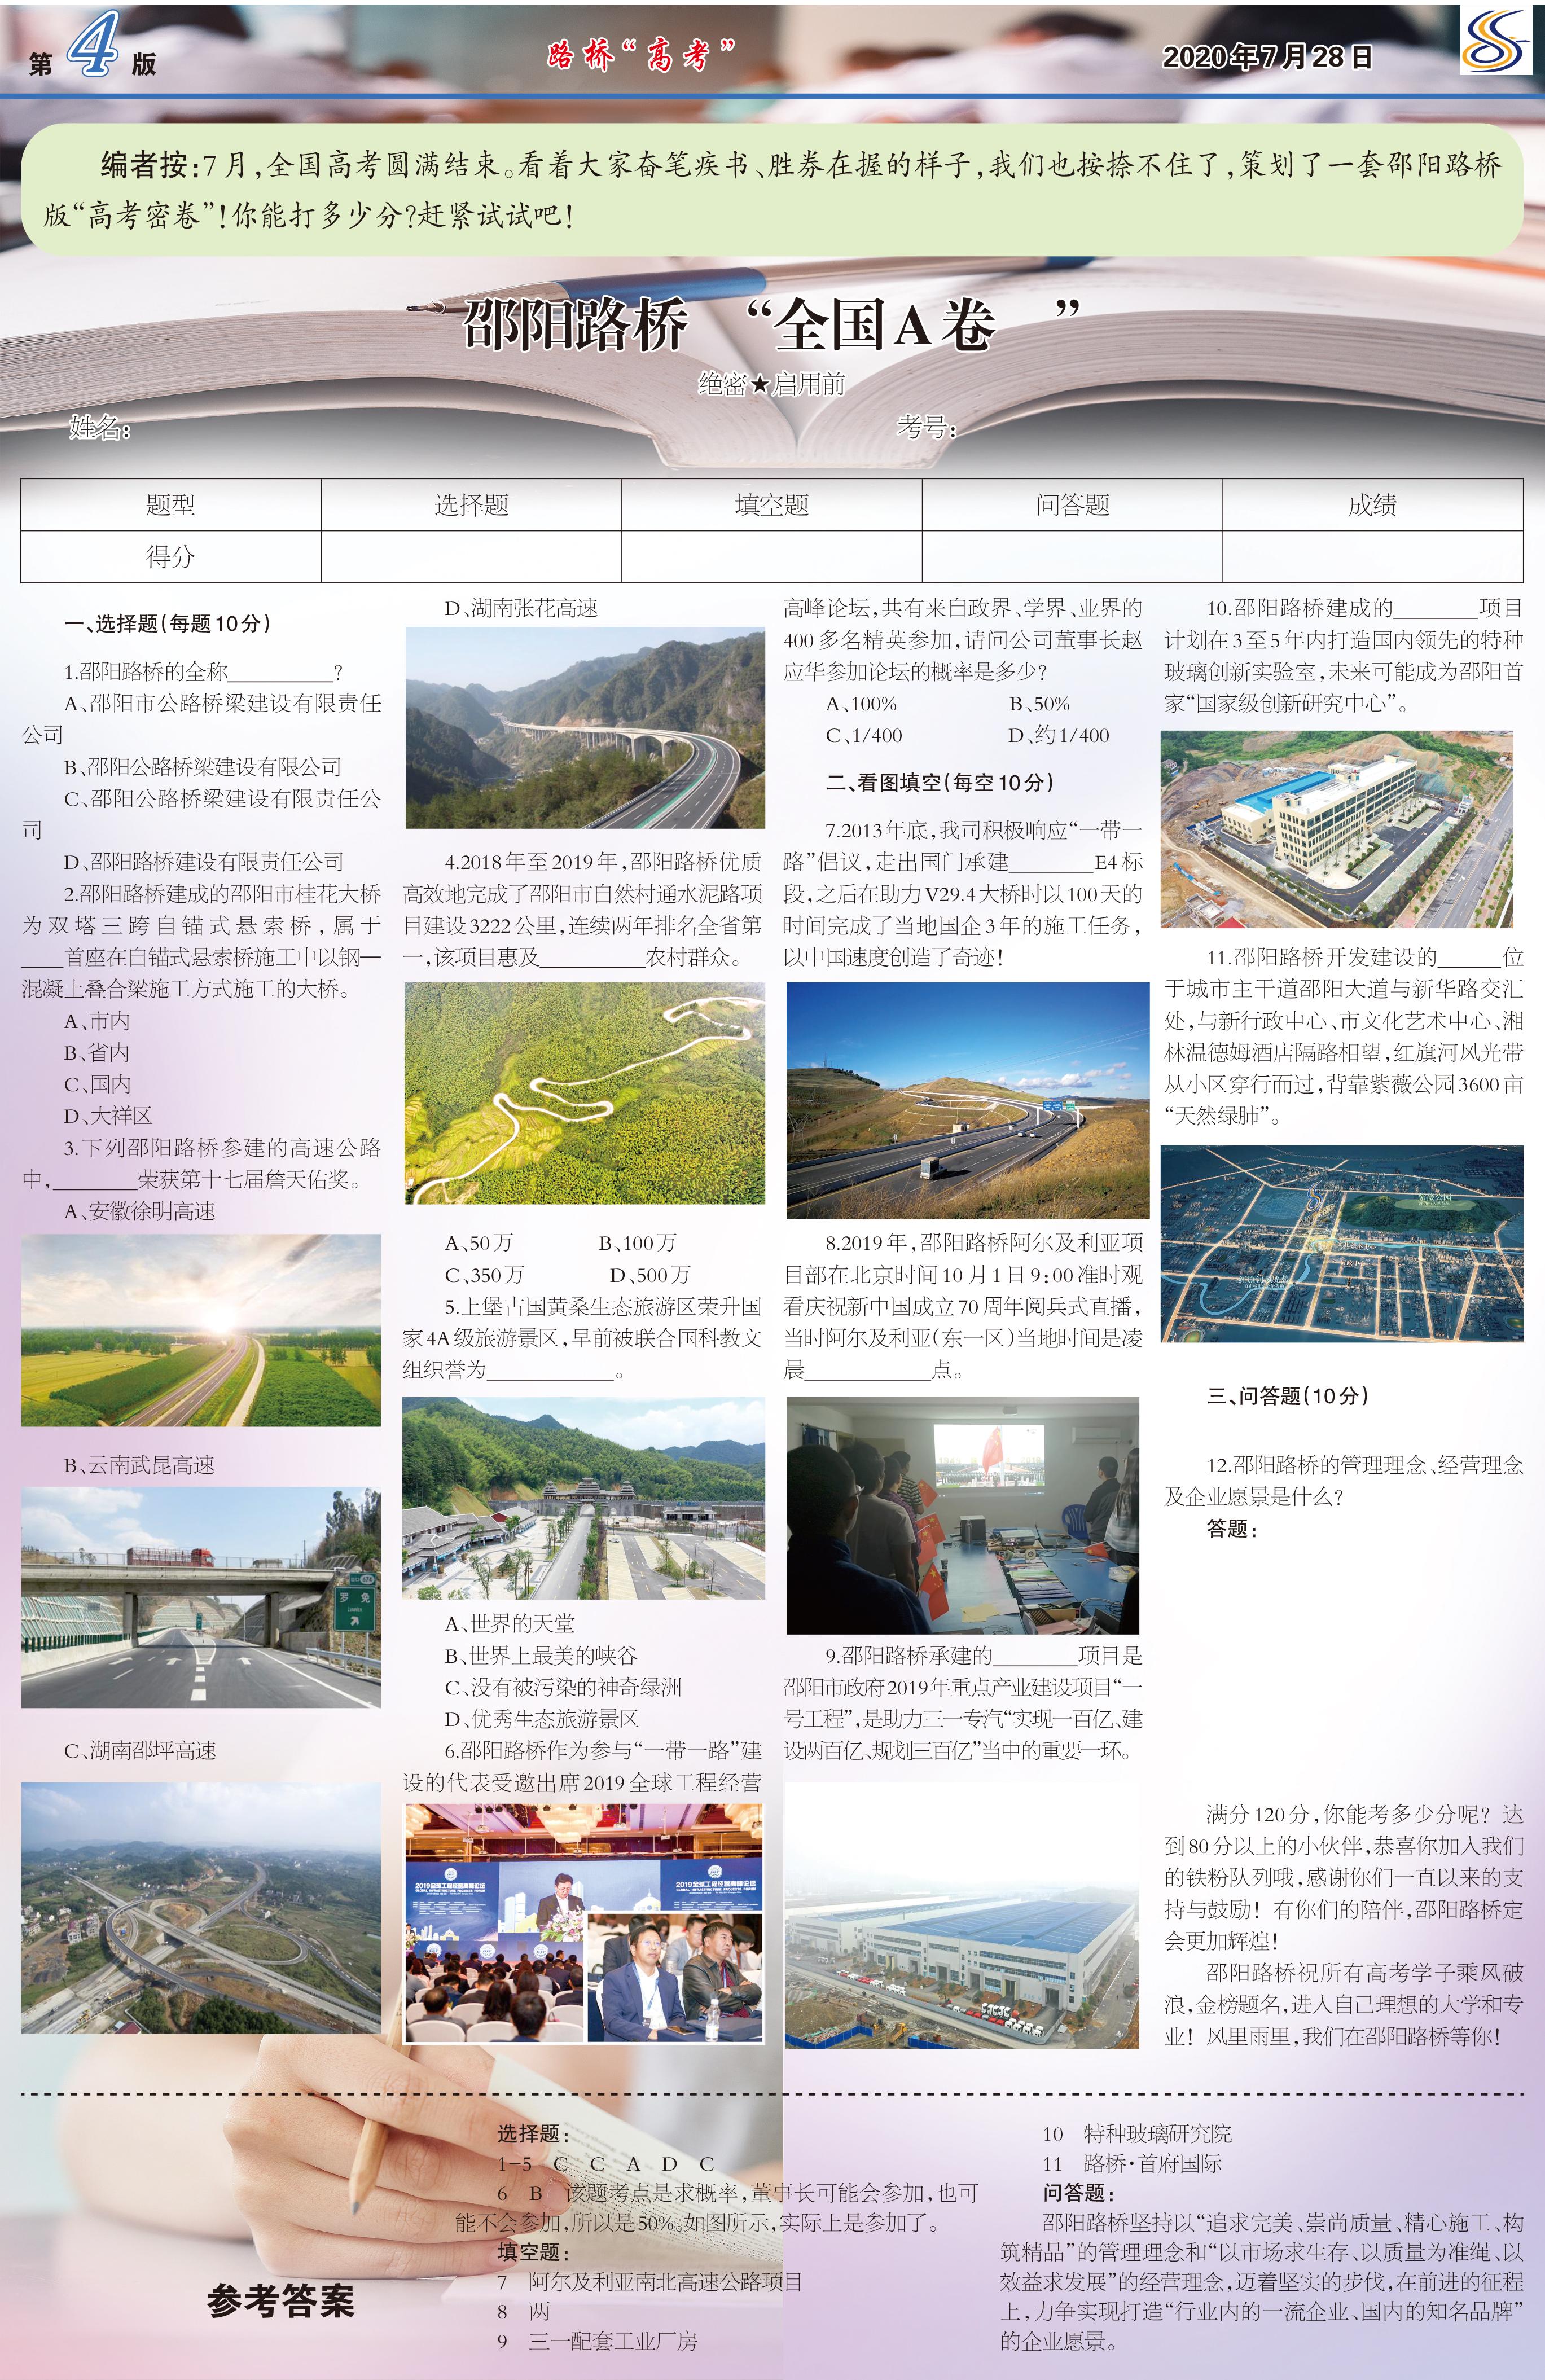 邵阳路桥报7月刊4版.jpg